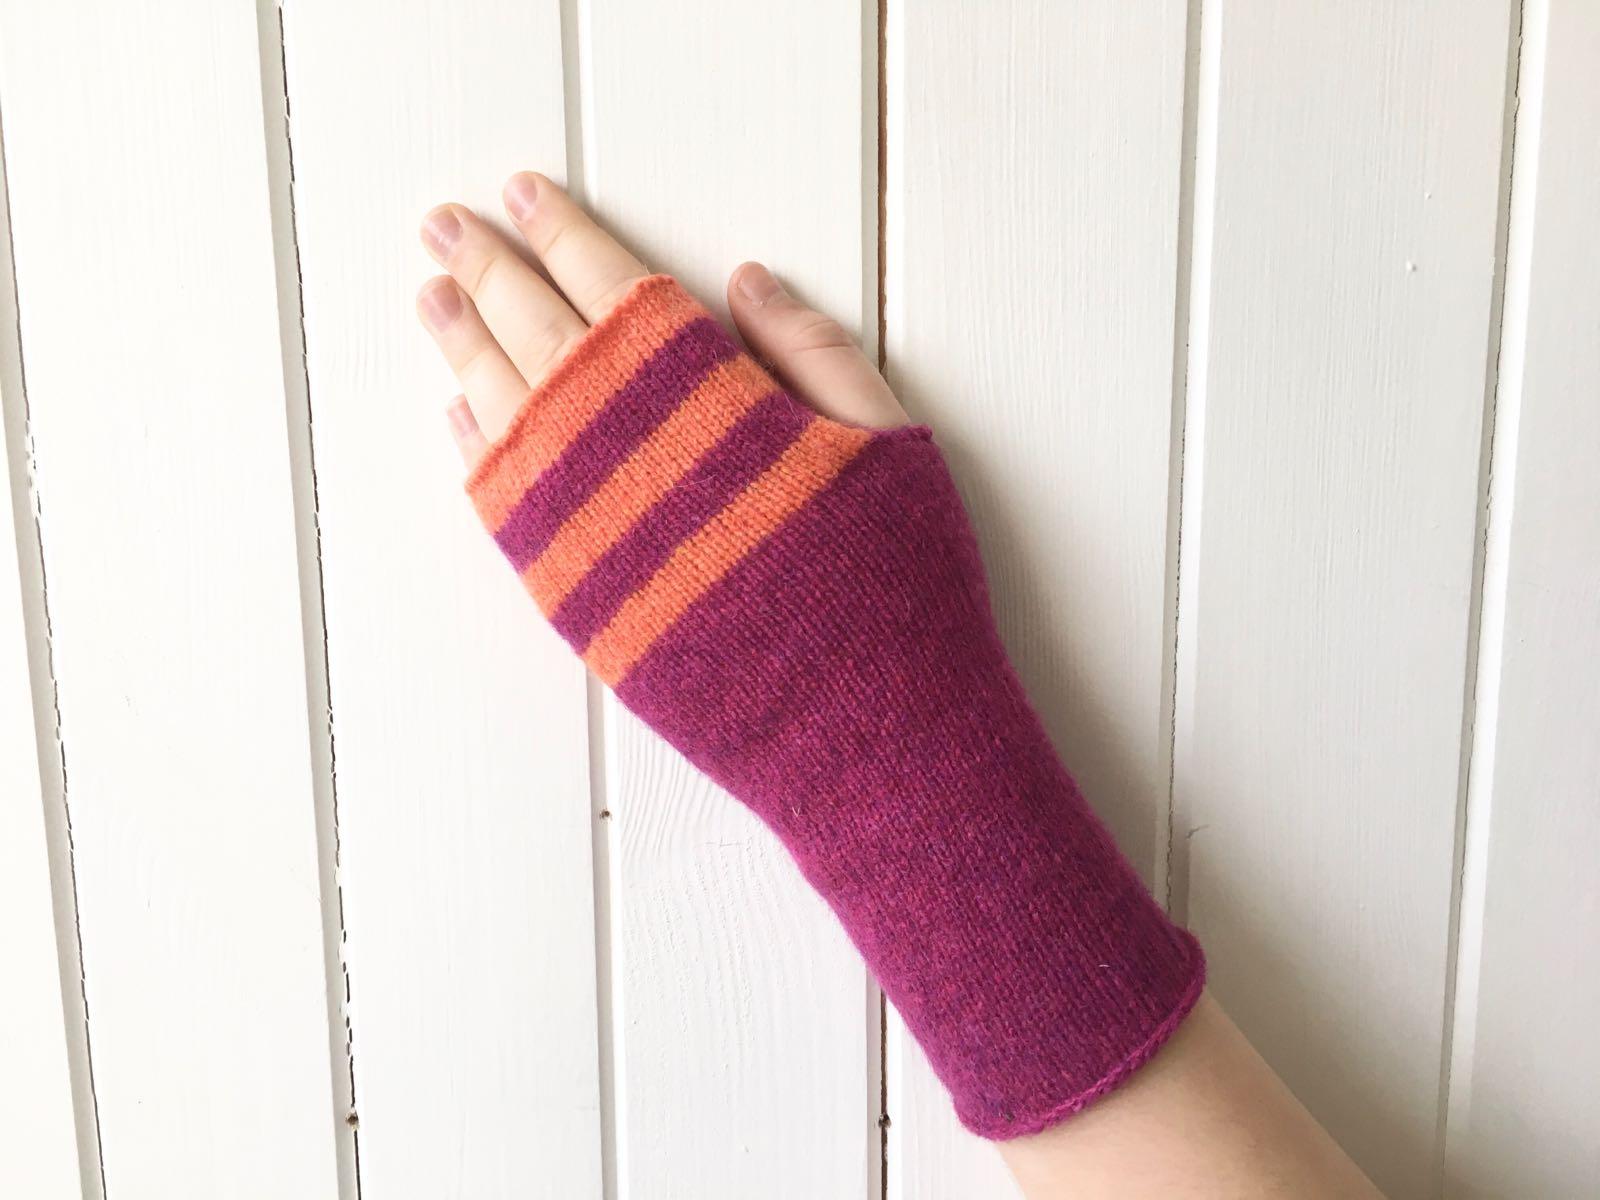 gloves - orange & purple